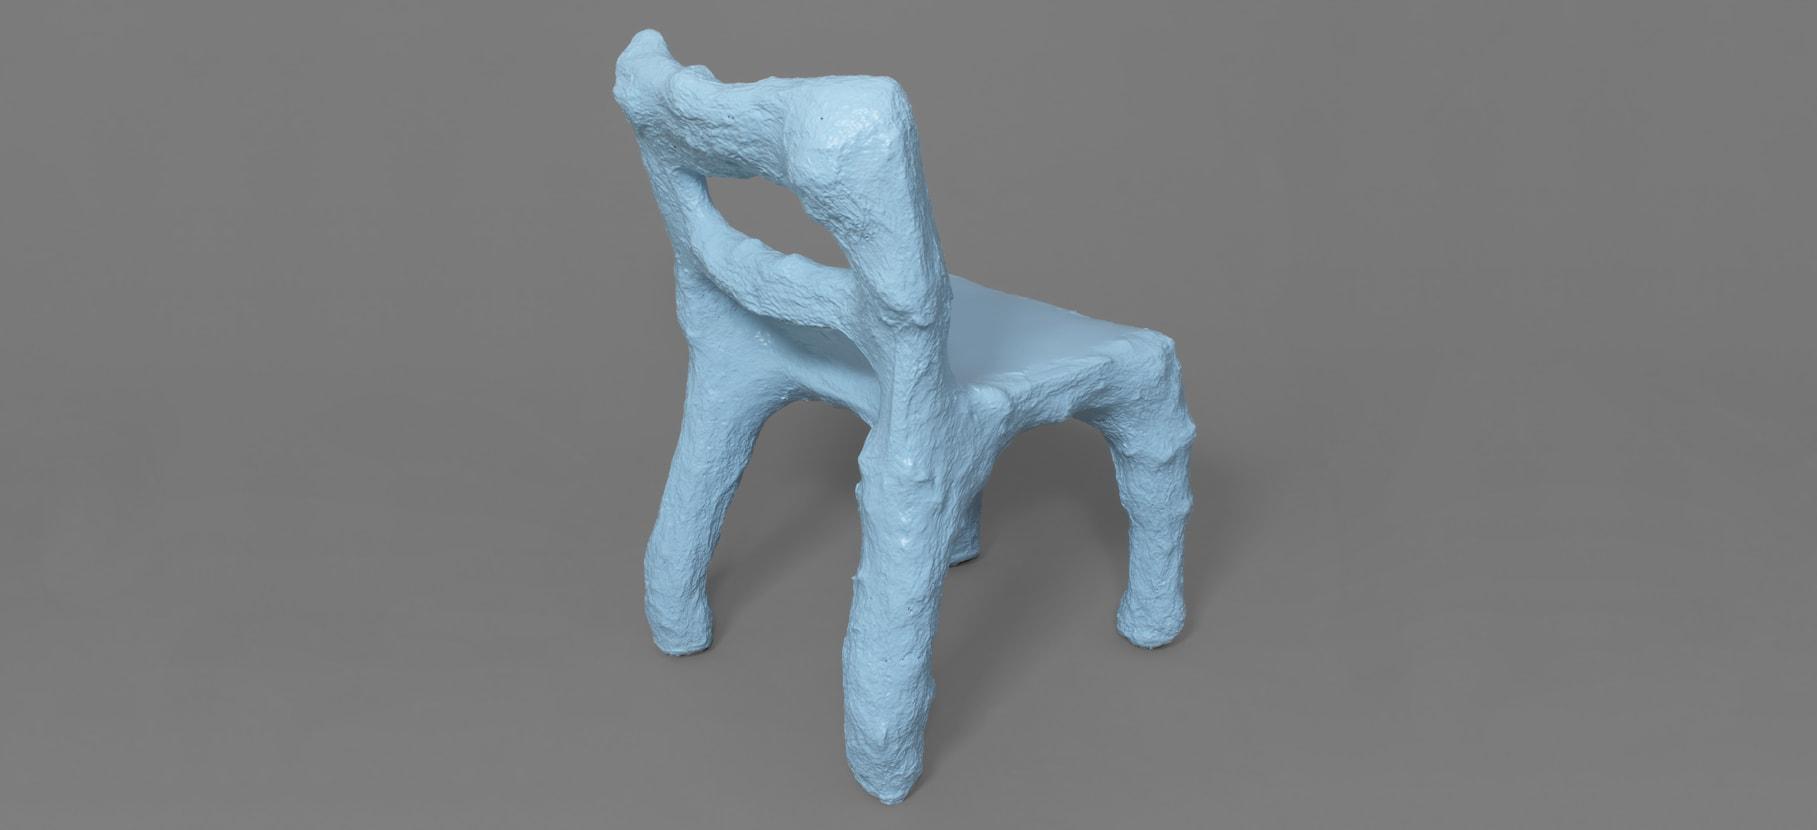 Reversed_Chair_2